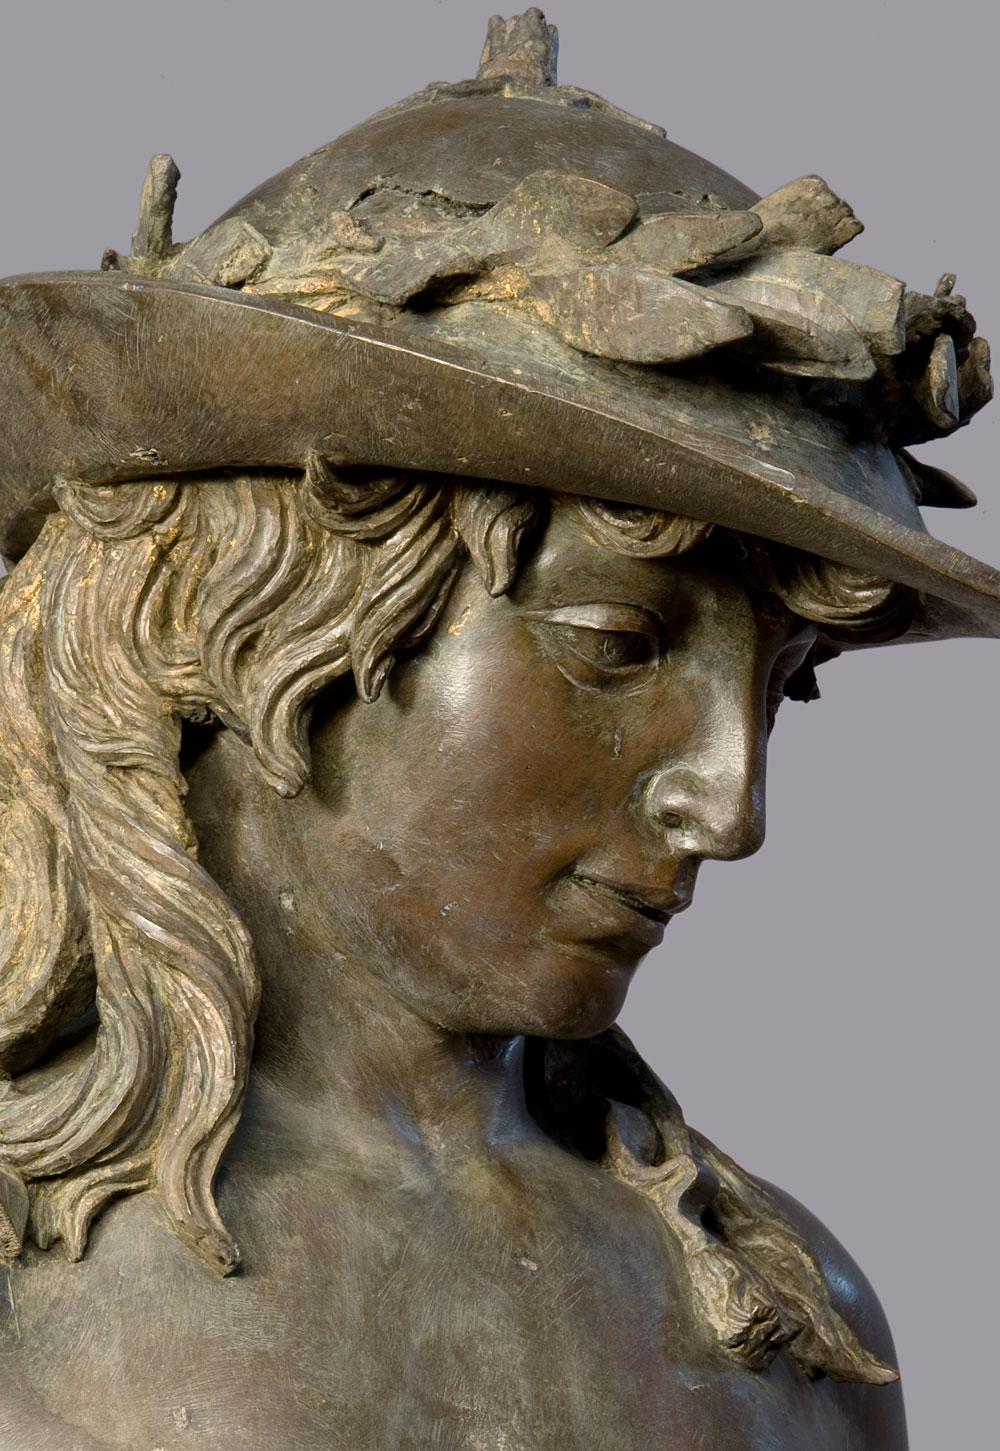 Il Museo del Bargello ripercorre la storia del David di Donatello in occasione dell'importante premio cinematografico